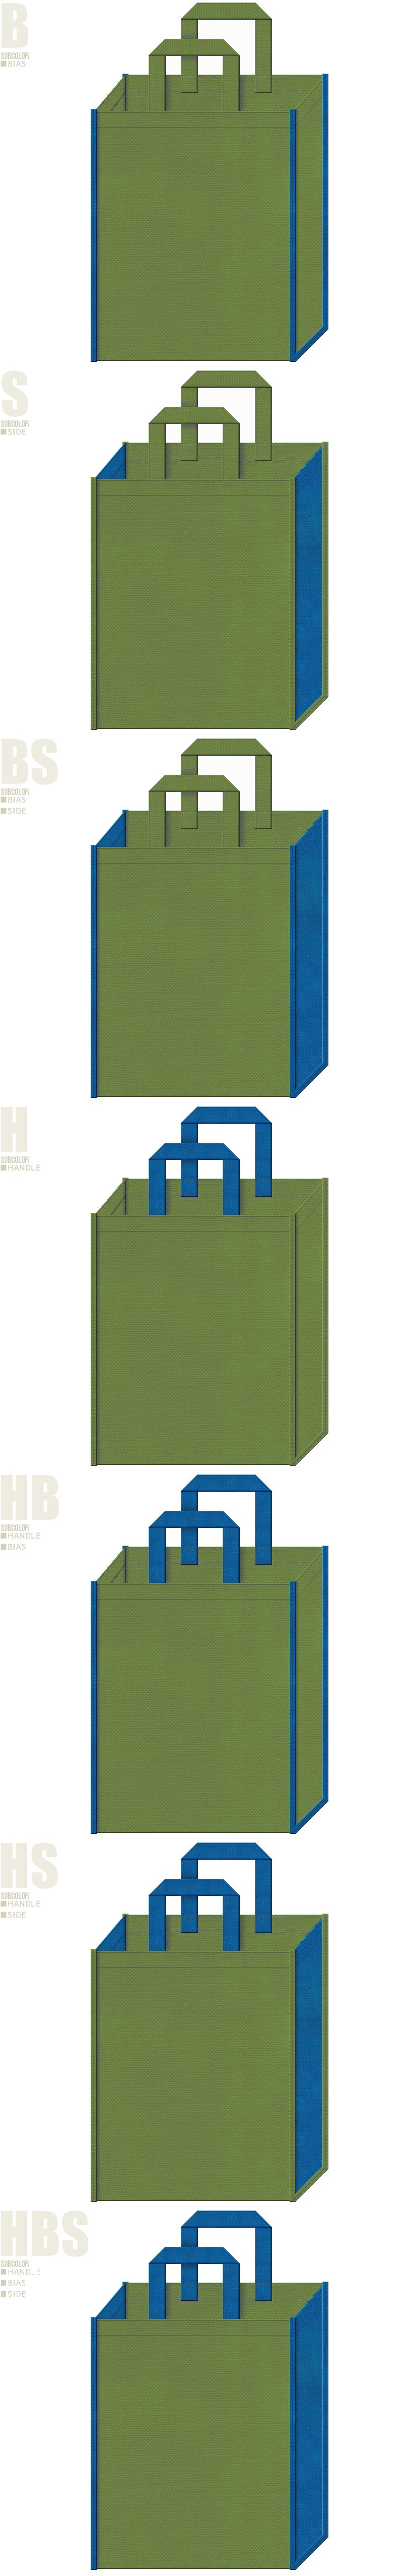 草色と青色、7パターンの不織布トートバッグ配色デザイン例。